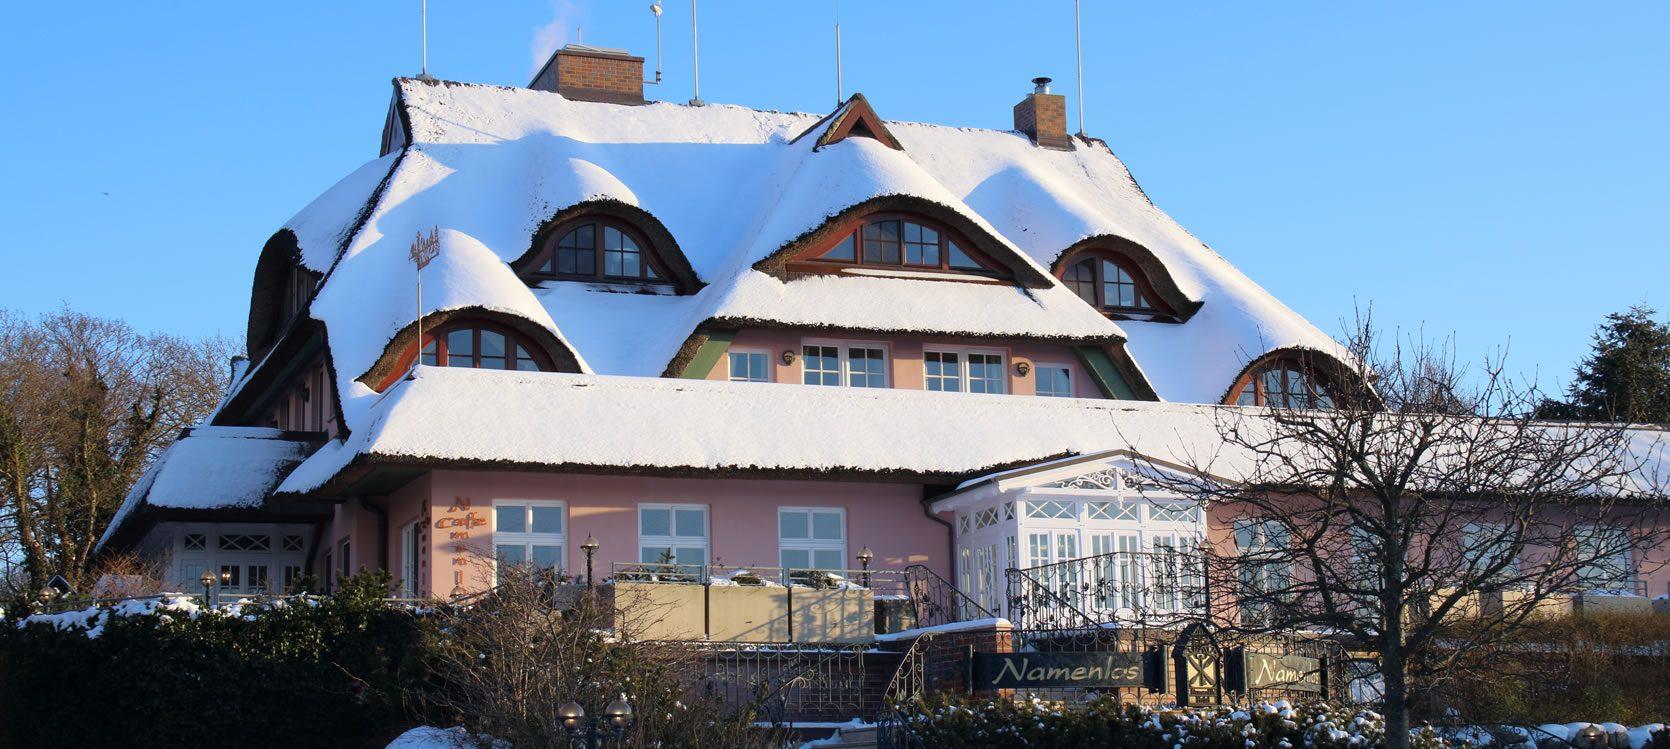 Hotel Namenlos, Winter, 2018